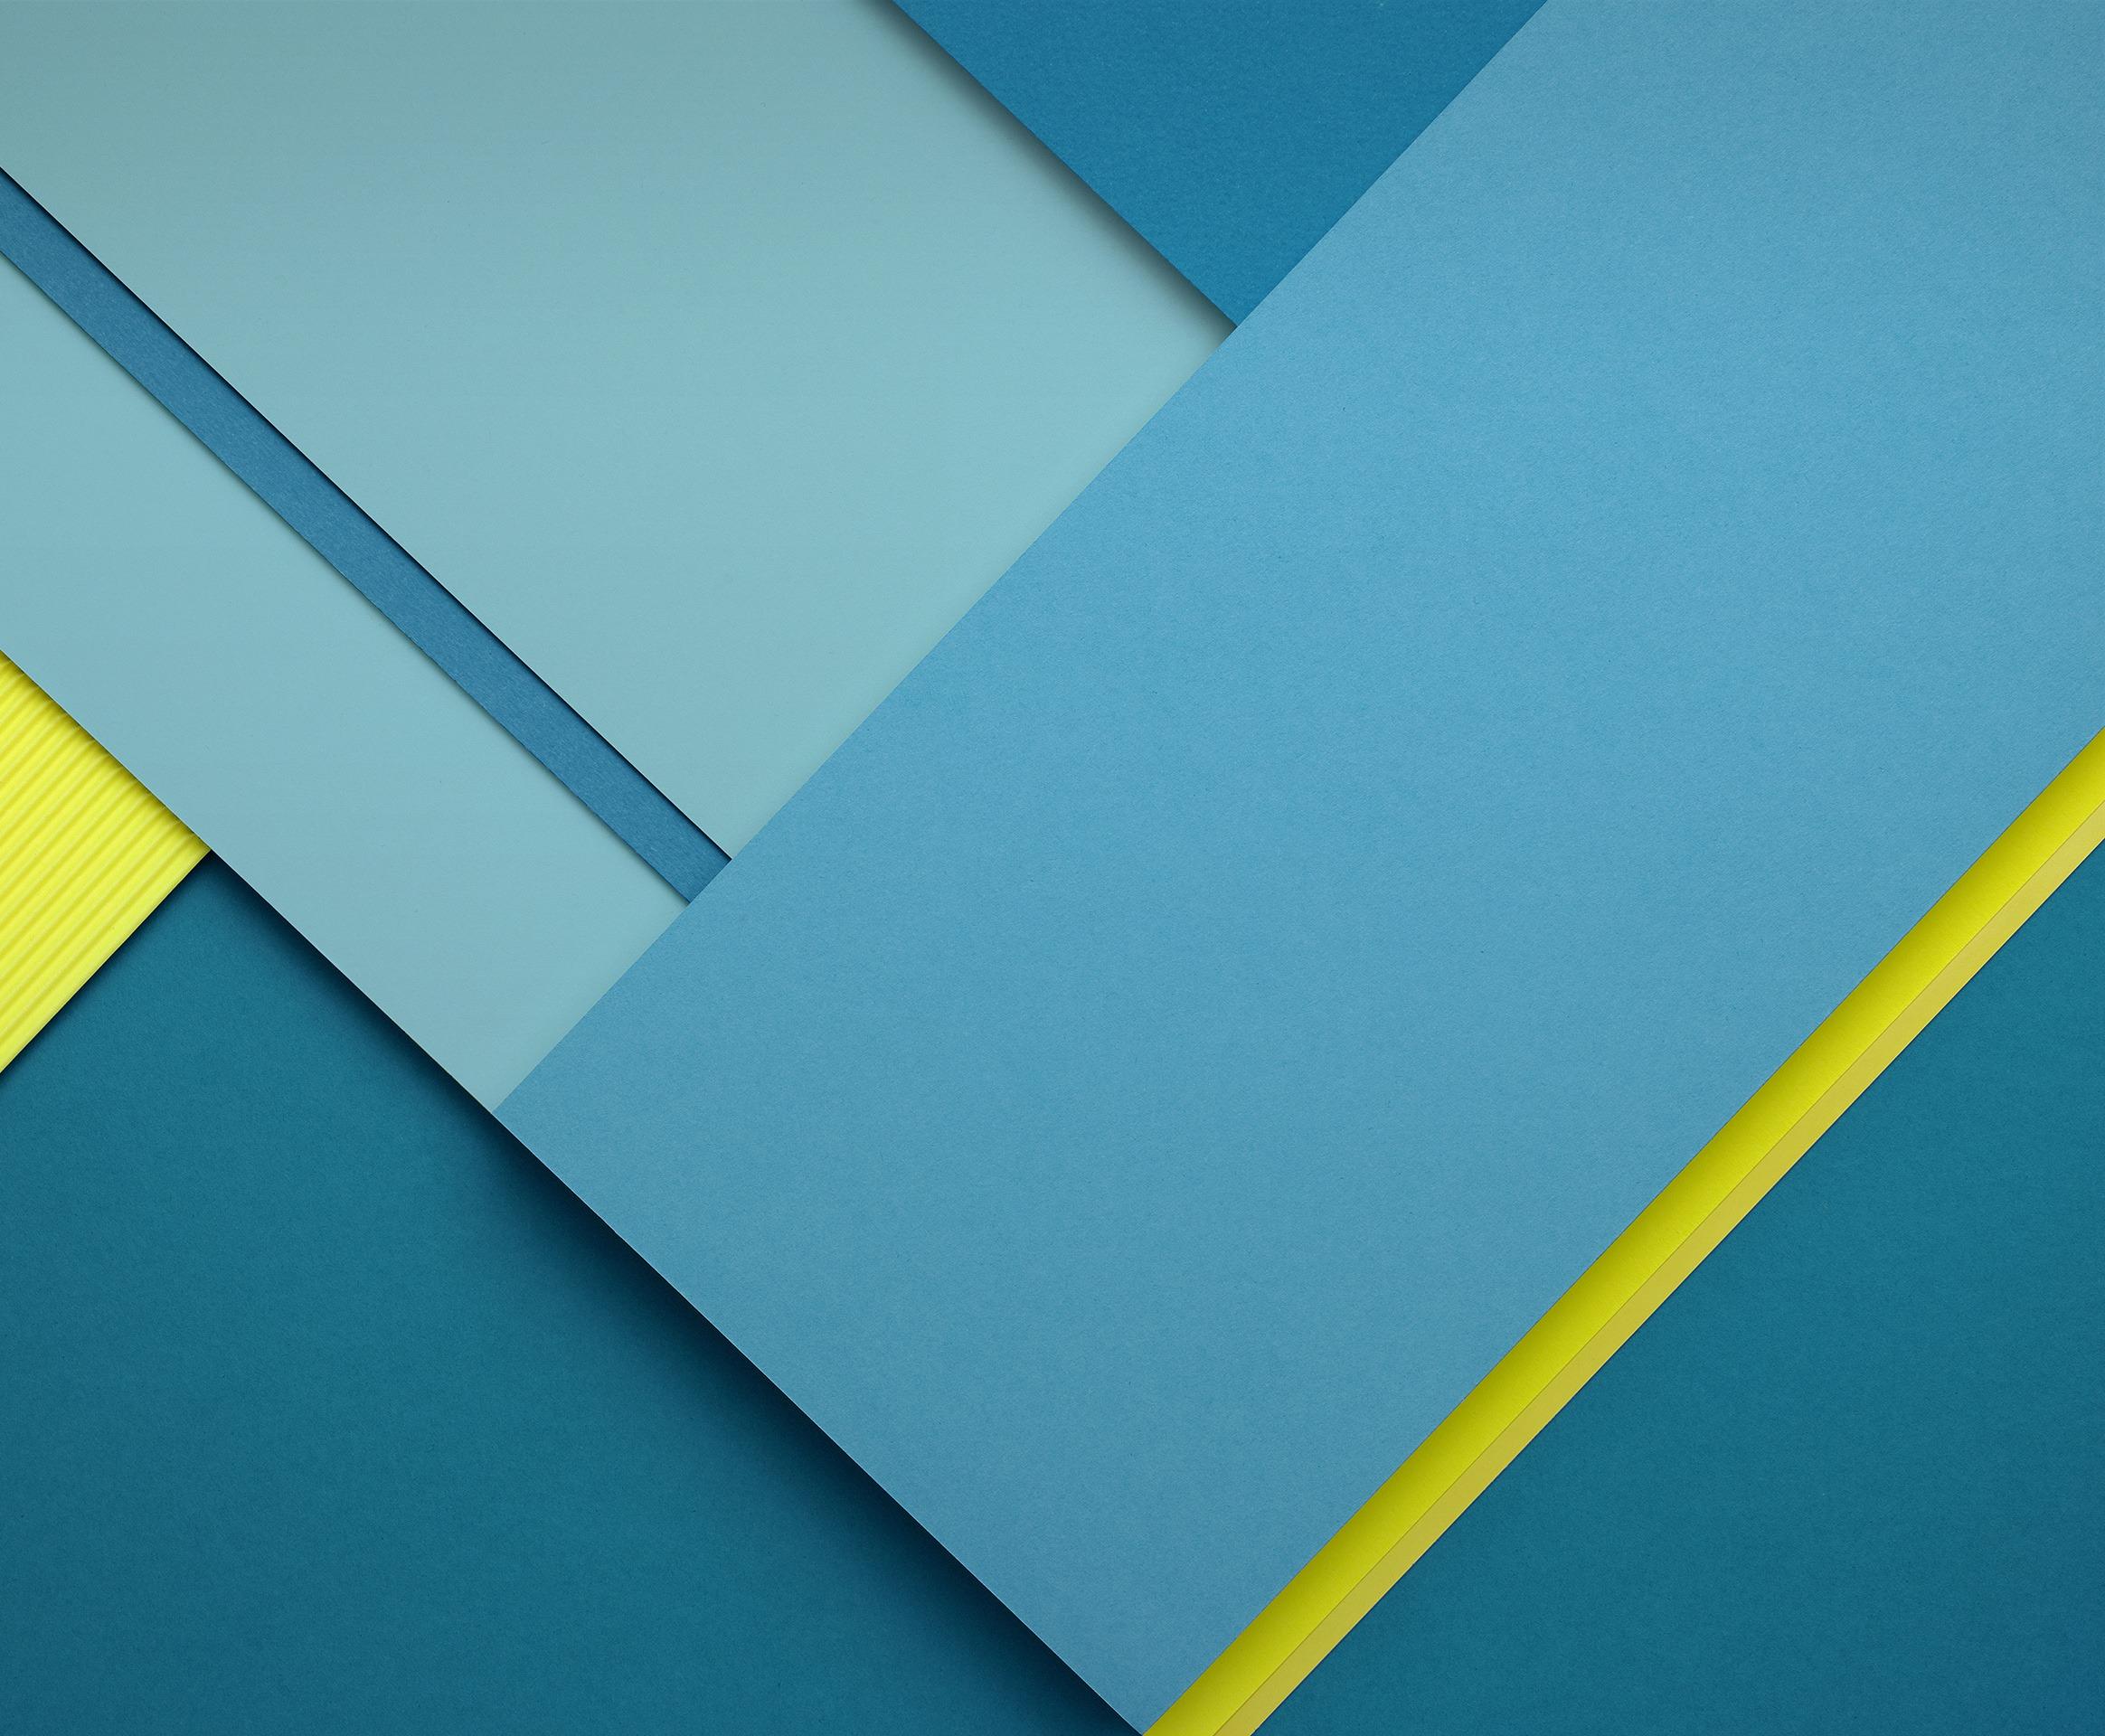 Andriod L wallpaper_001.jpg